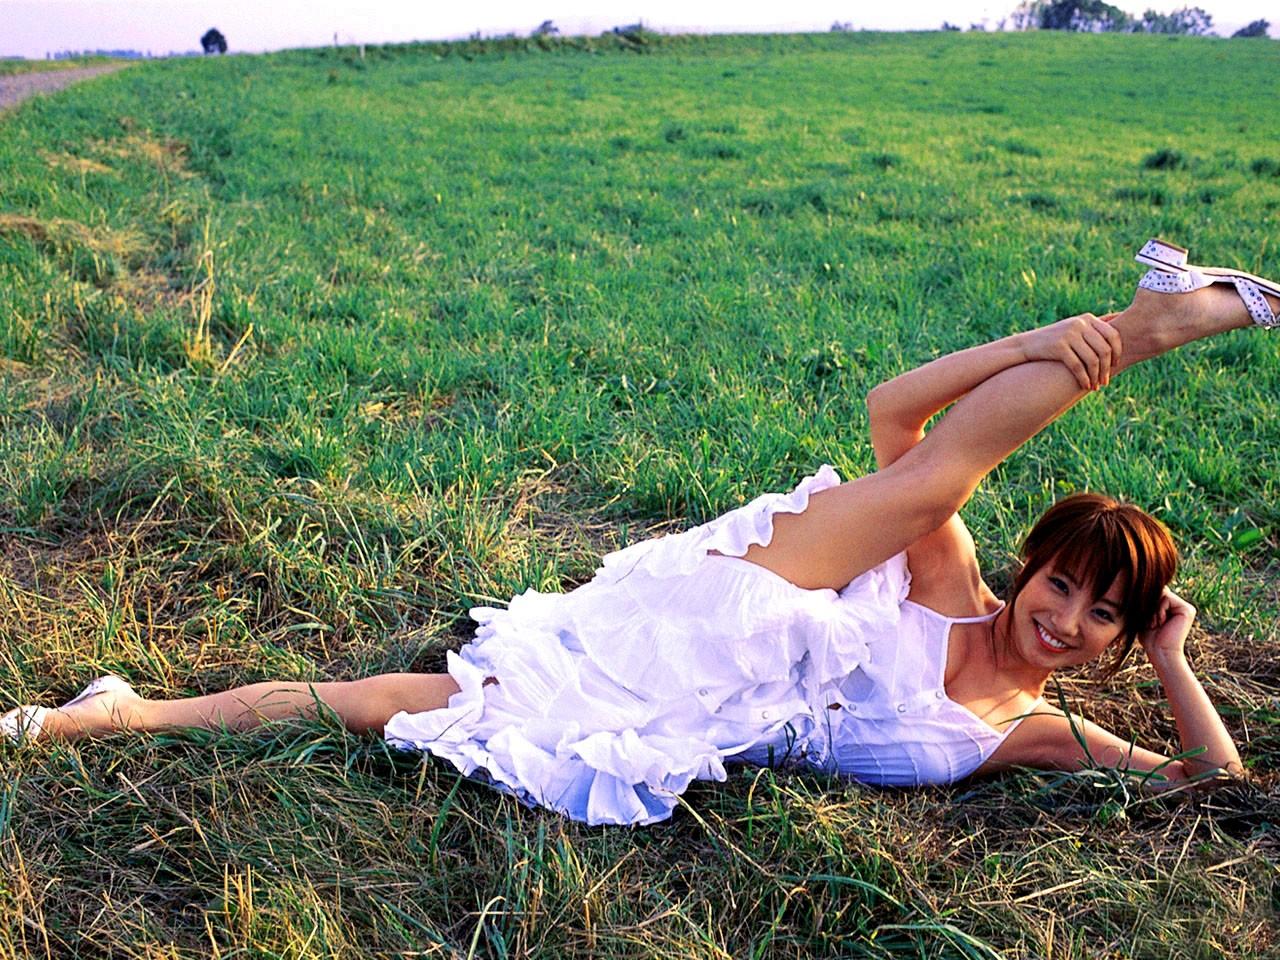 【軟体エロ画像】性的に活かせて当然の逸材!軟体女性の股間を意識させるポーズの数々www 10